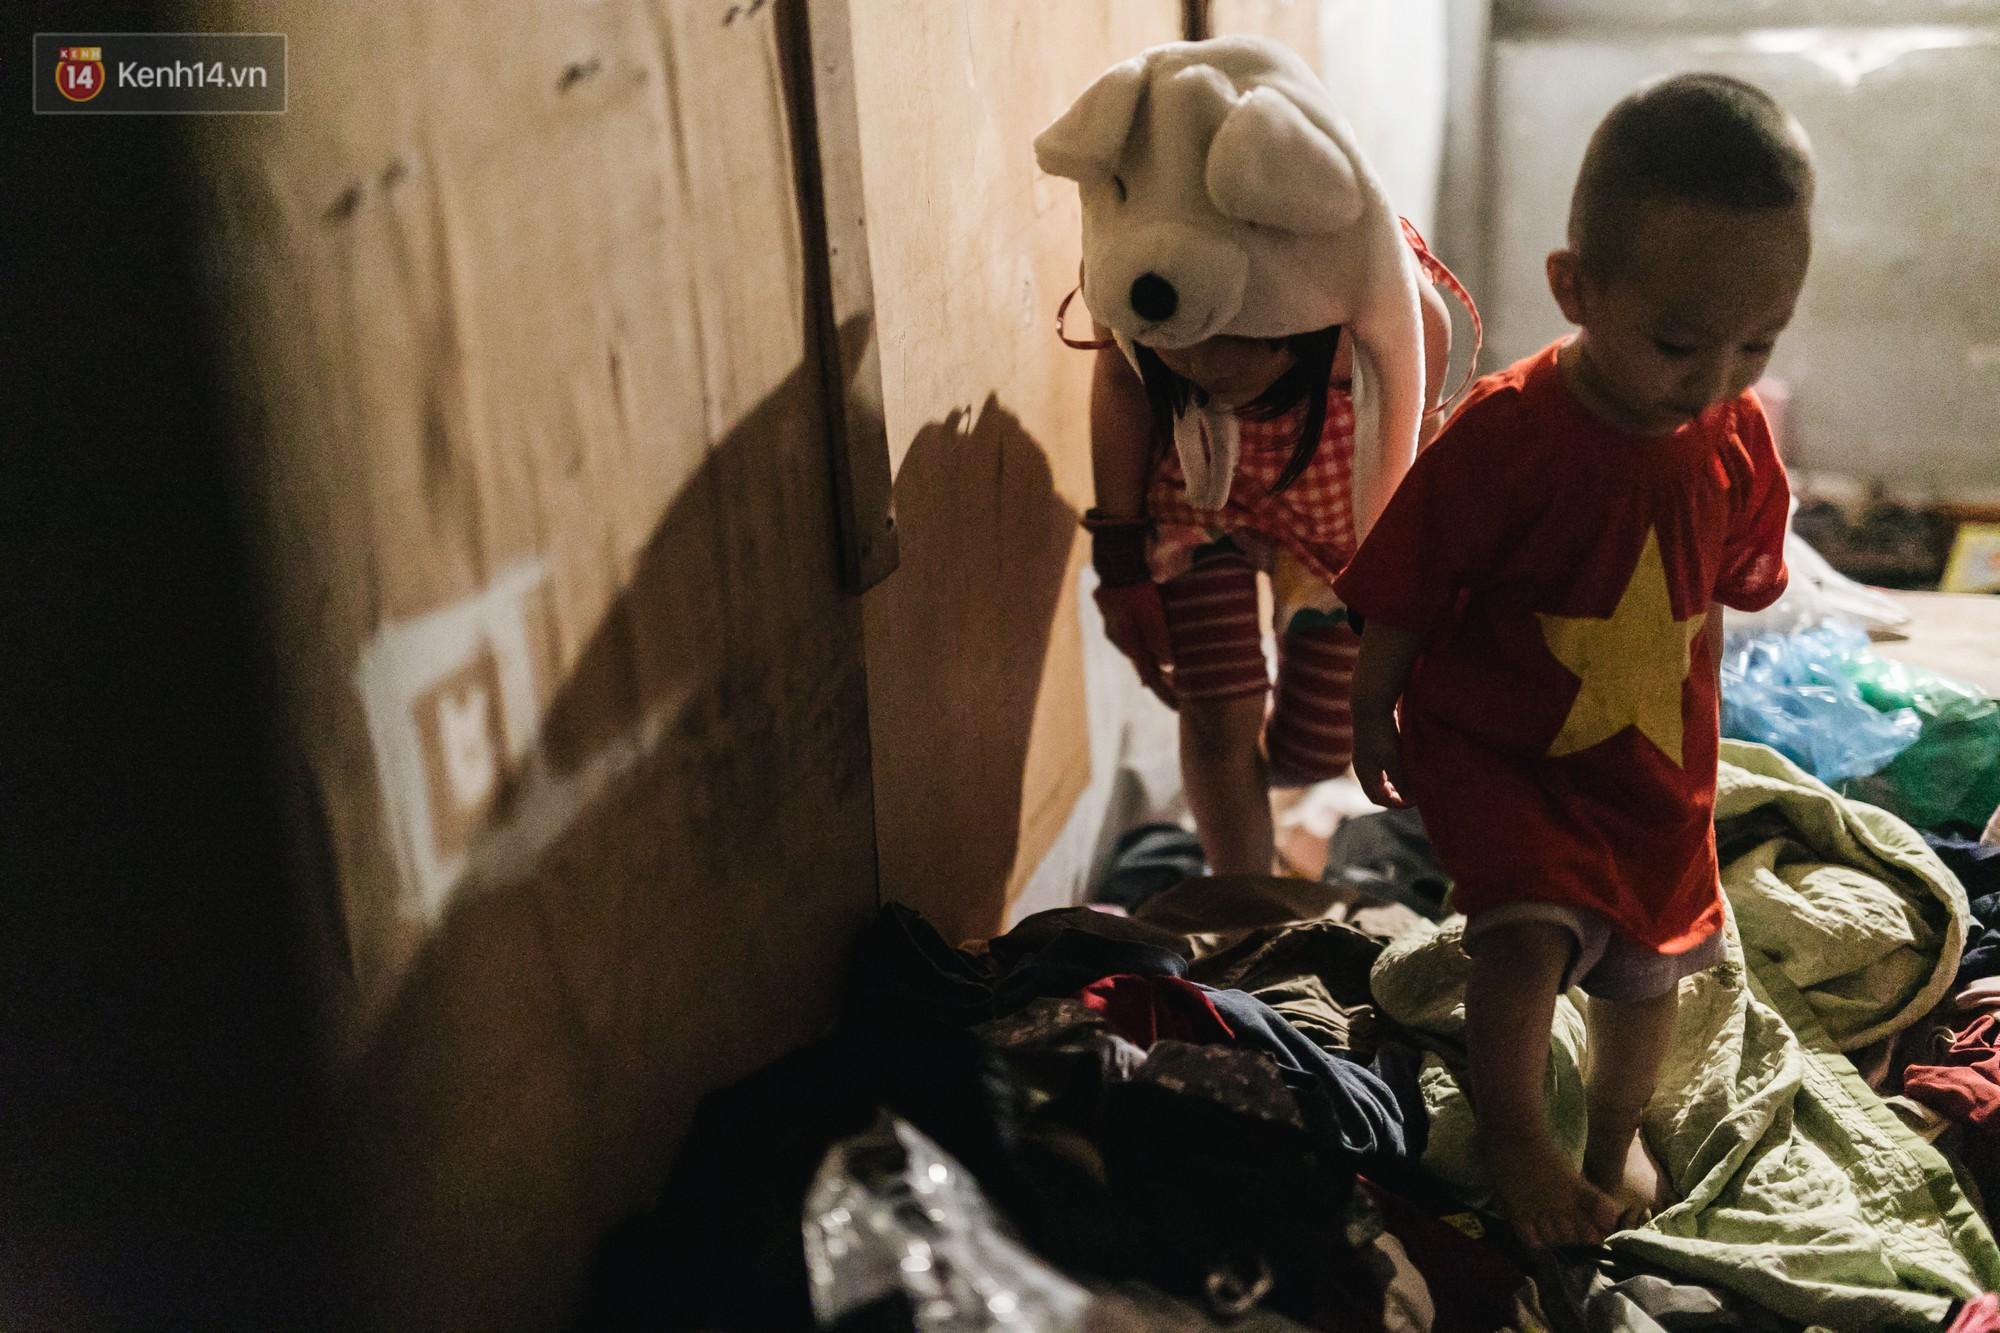 Bất ngờ nổi tiếng sau 1 đêm, bé gái 6 tuổi phối đồ chất ở Hà Nội trở về những ngày lang thang bán hàng rong cùng mẹ-11